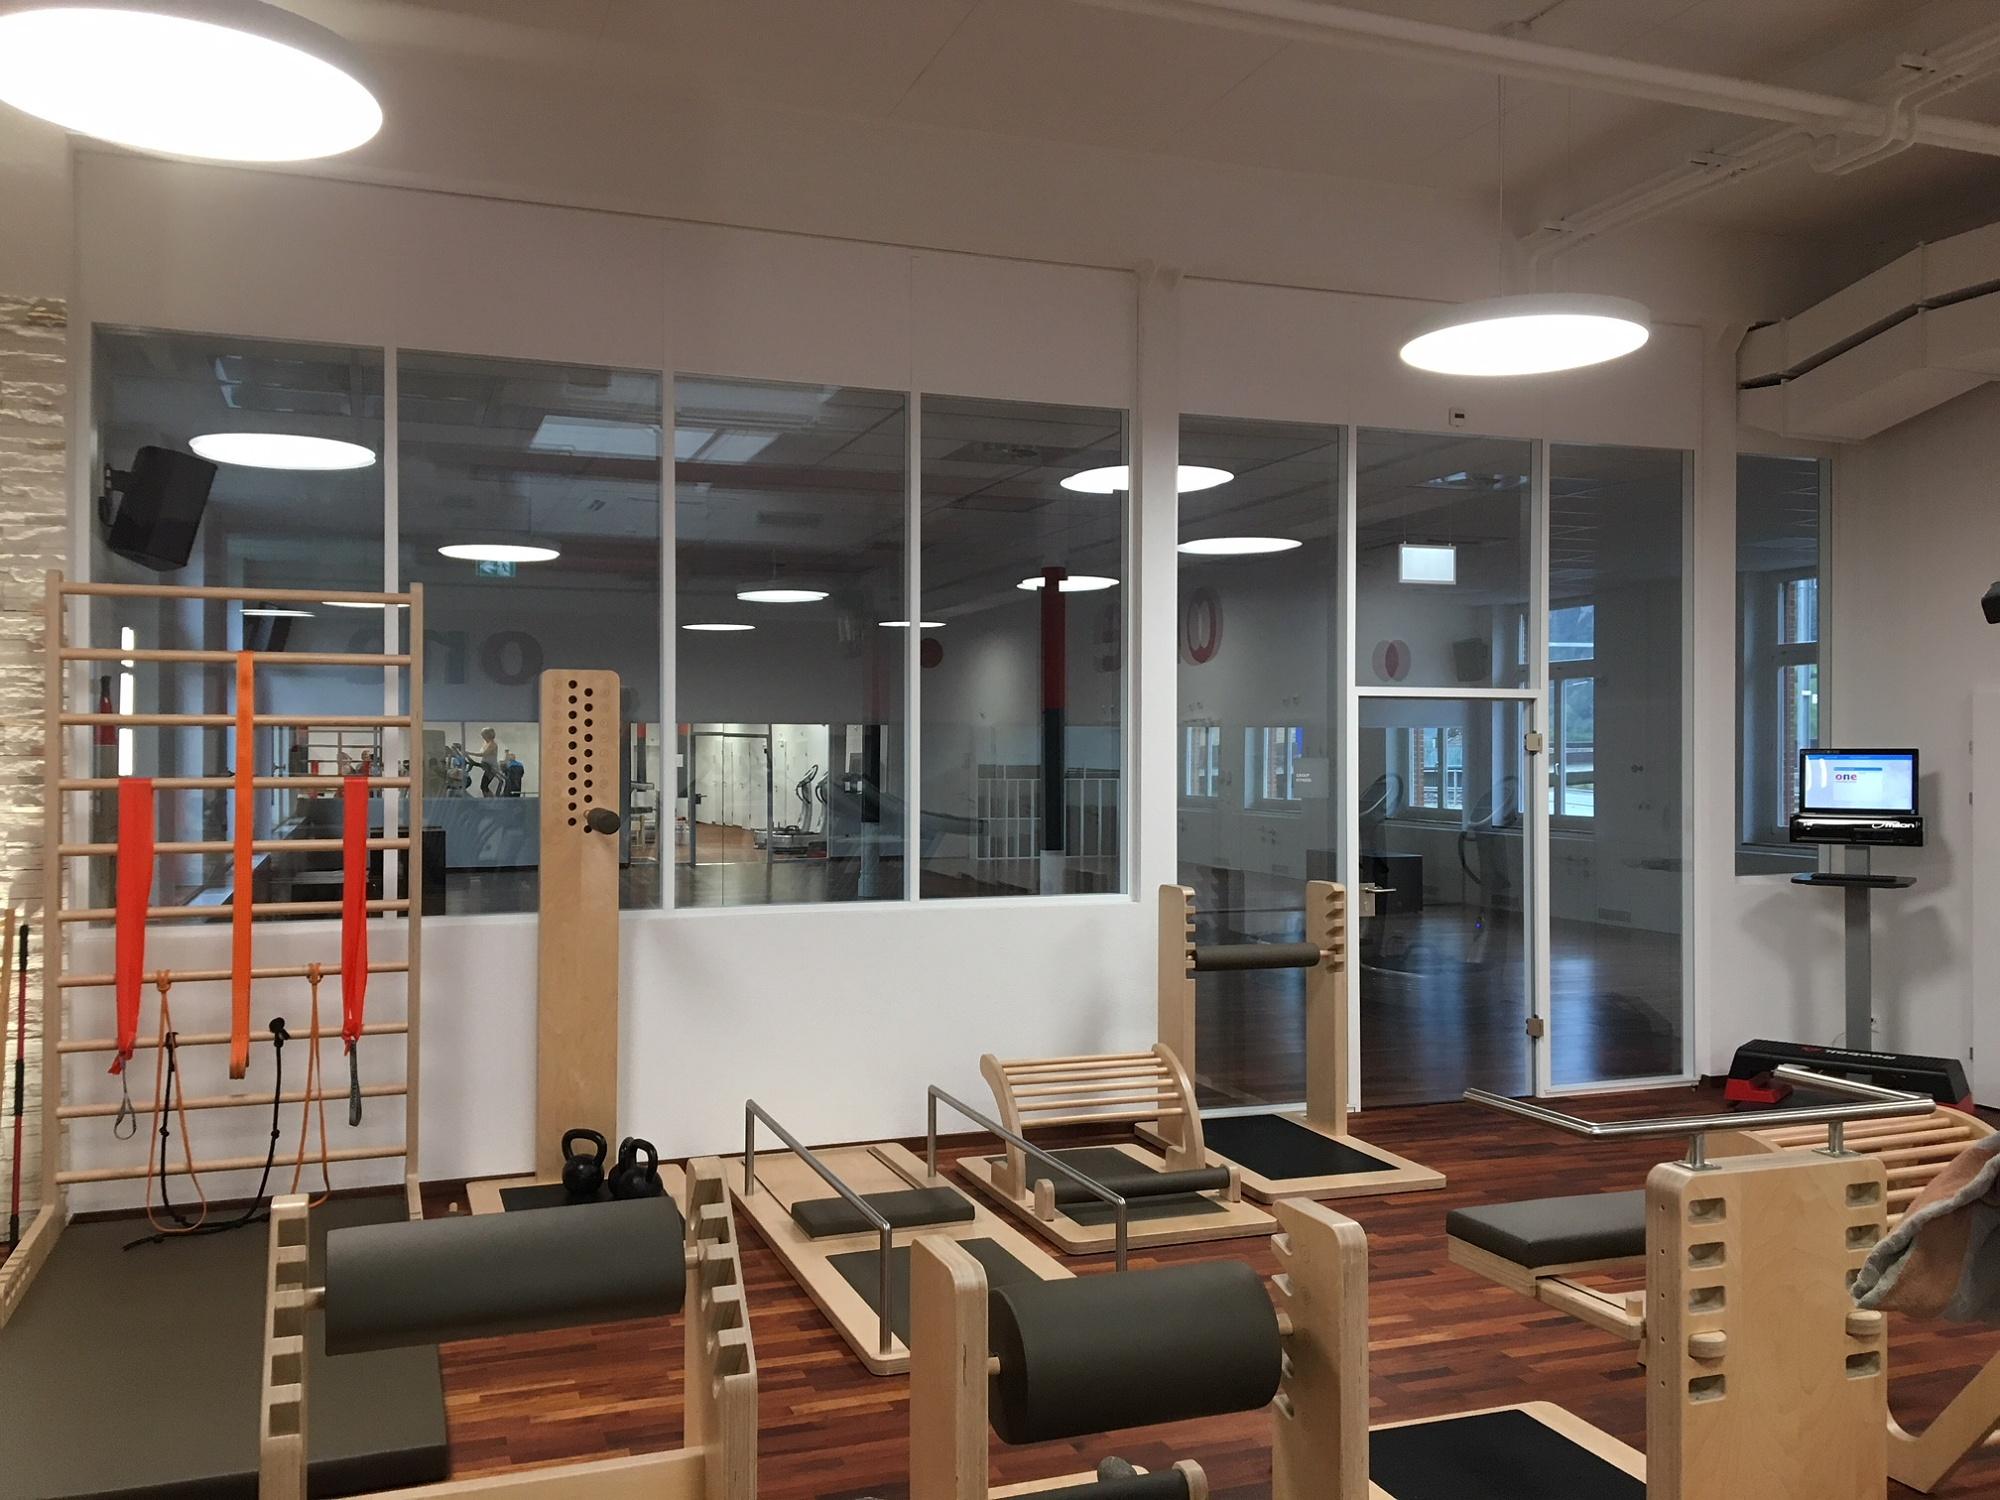 Přestavba fitness centra Fabrikhalle ve švýcarském Altdorfu